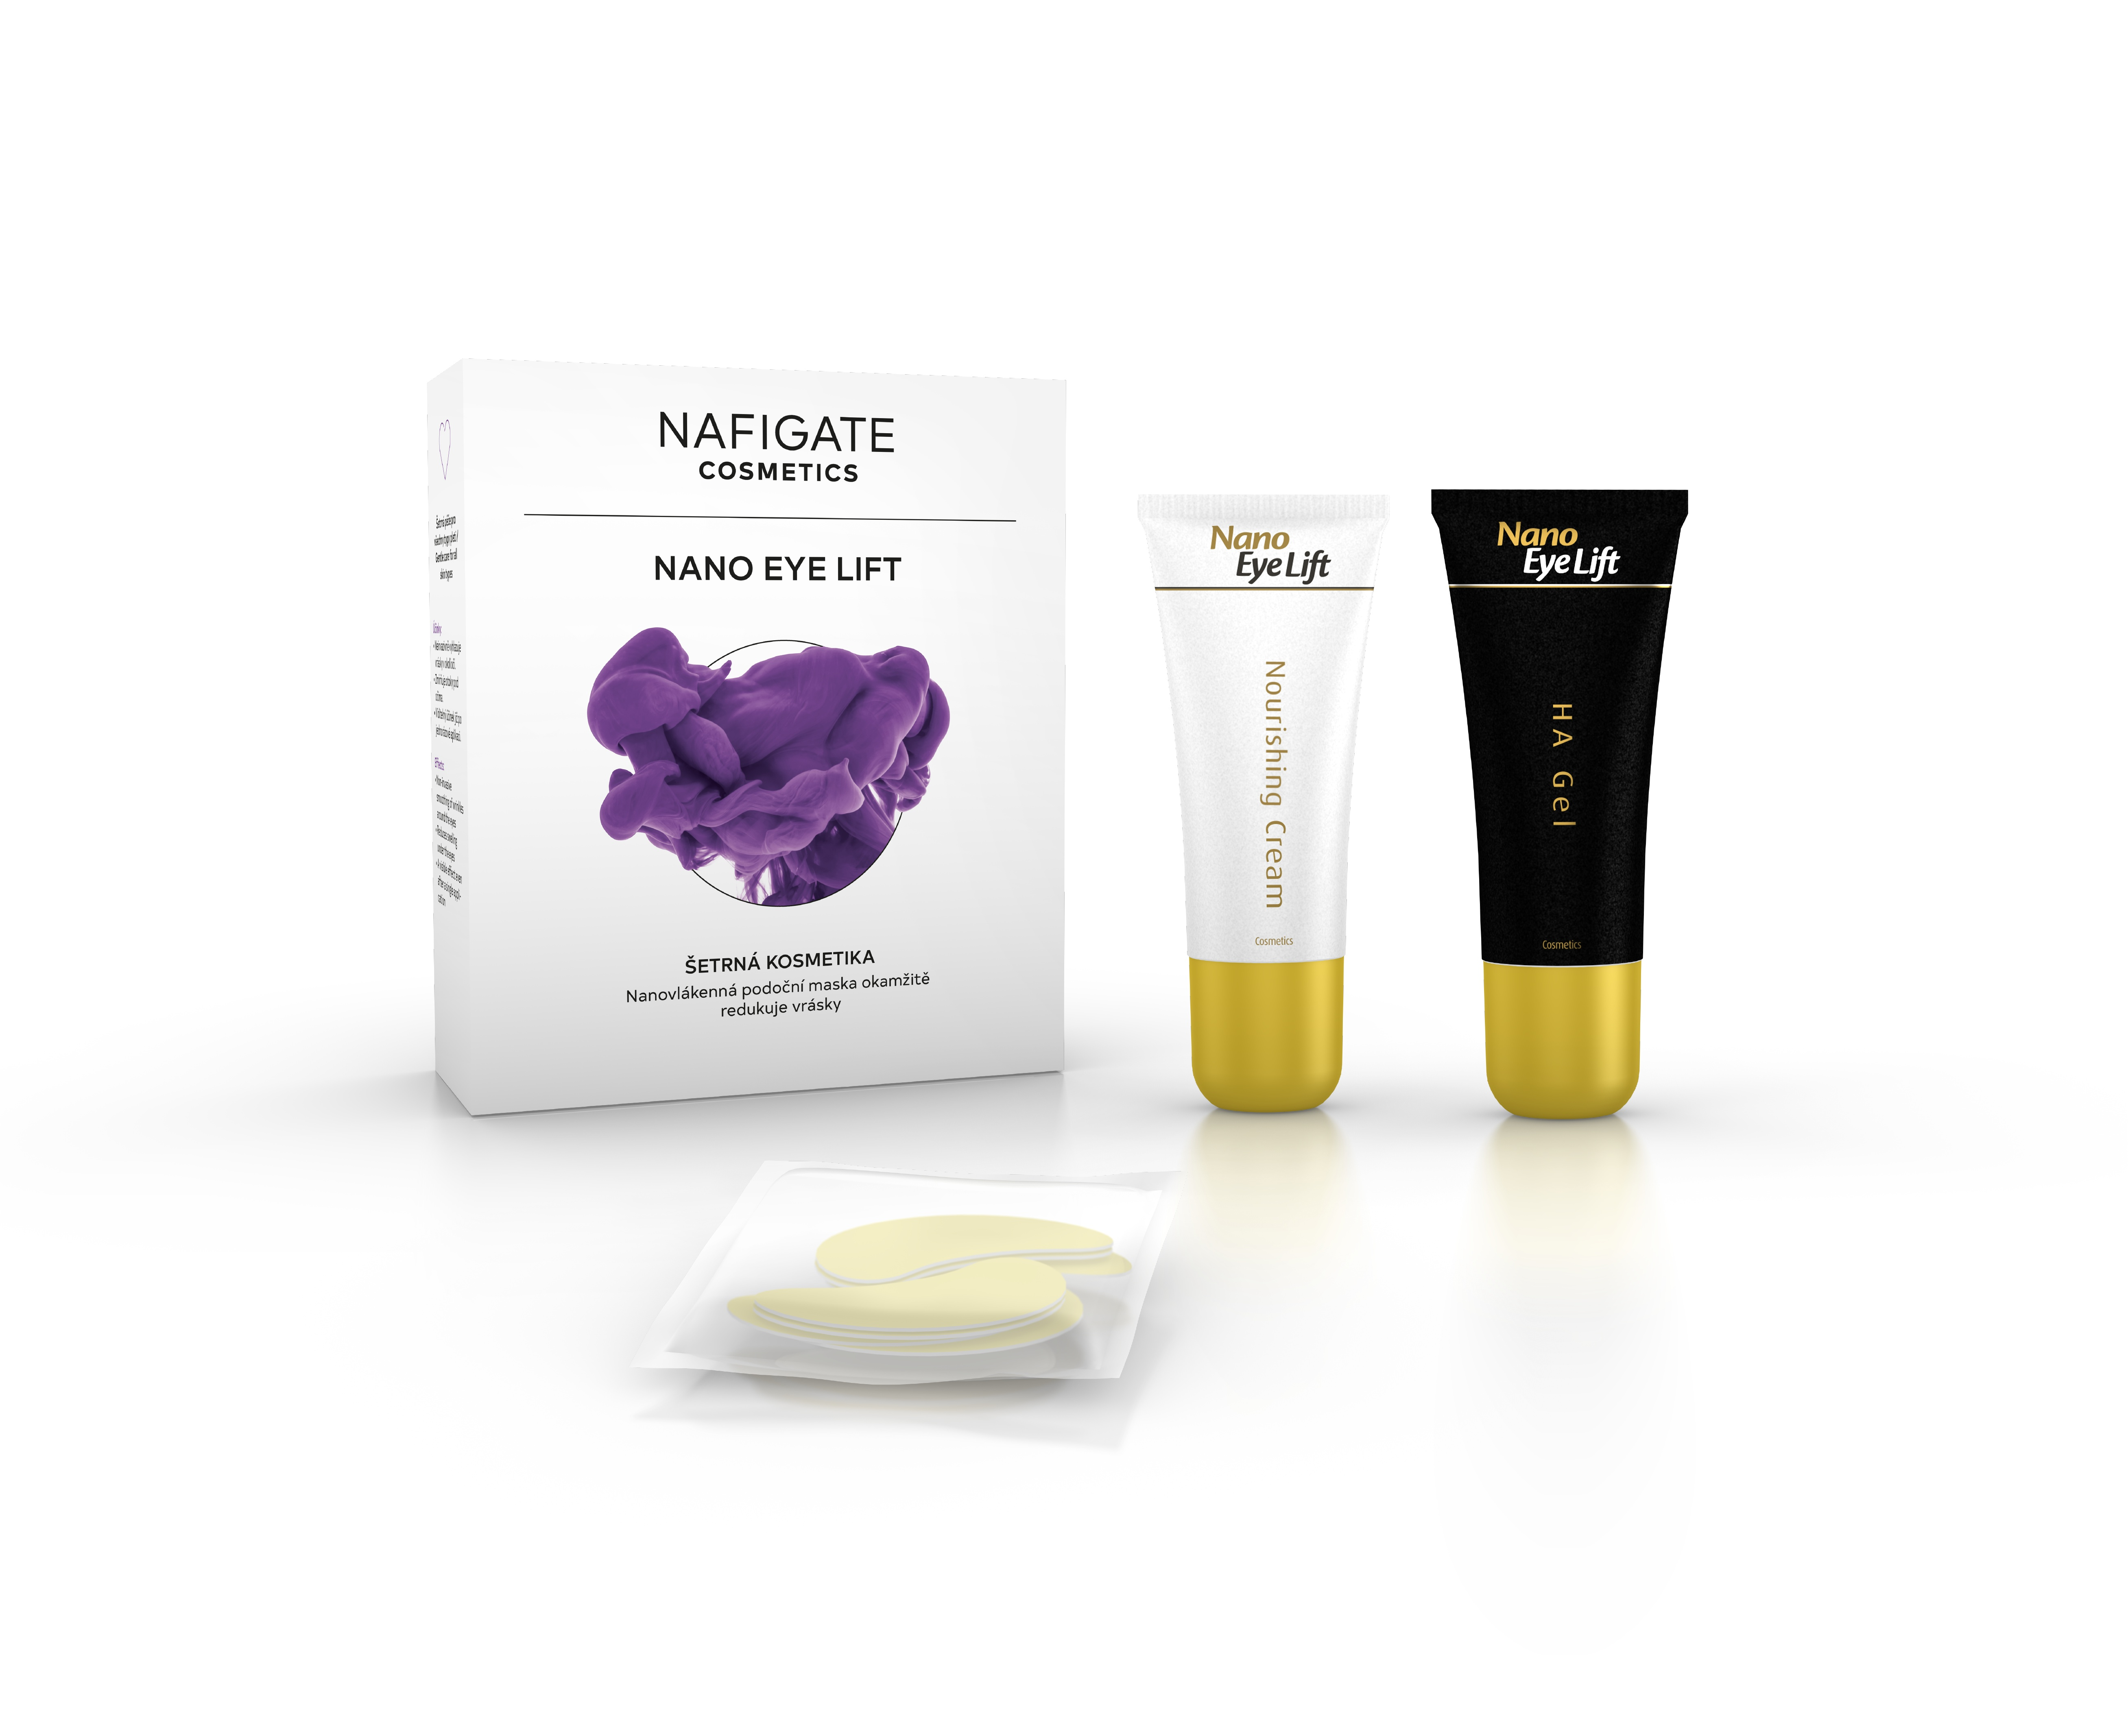 NAFIGATE Cosmetics Podoční maska - Nano Eye Lift